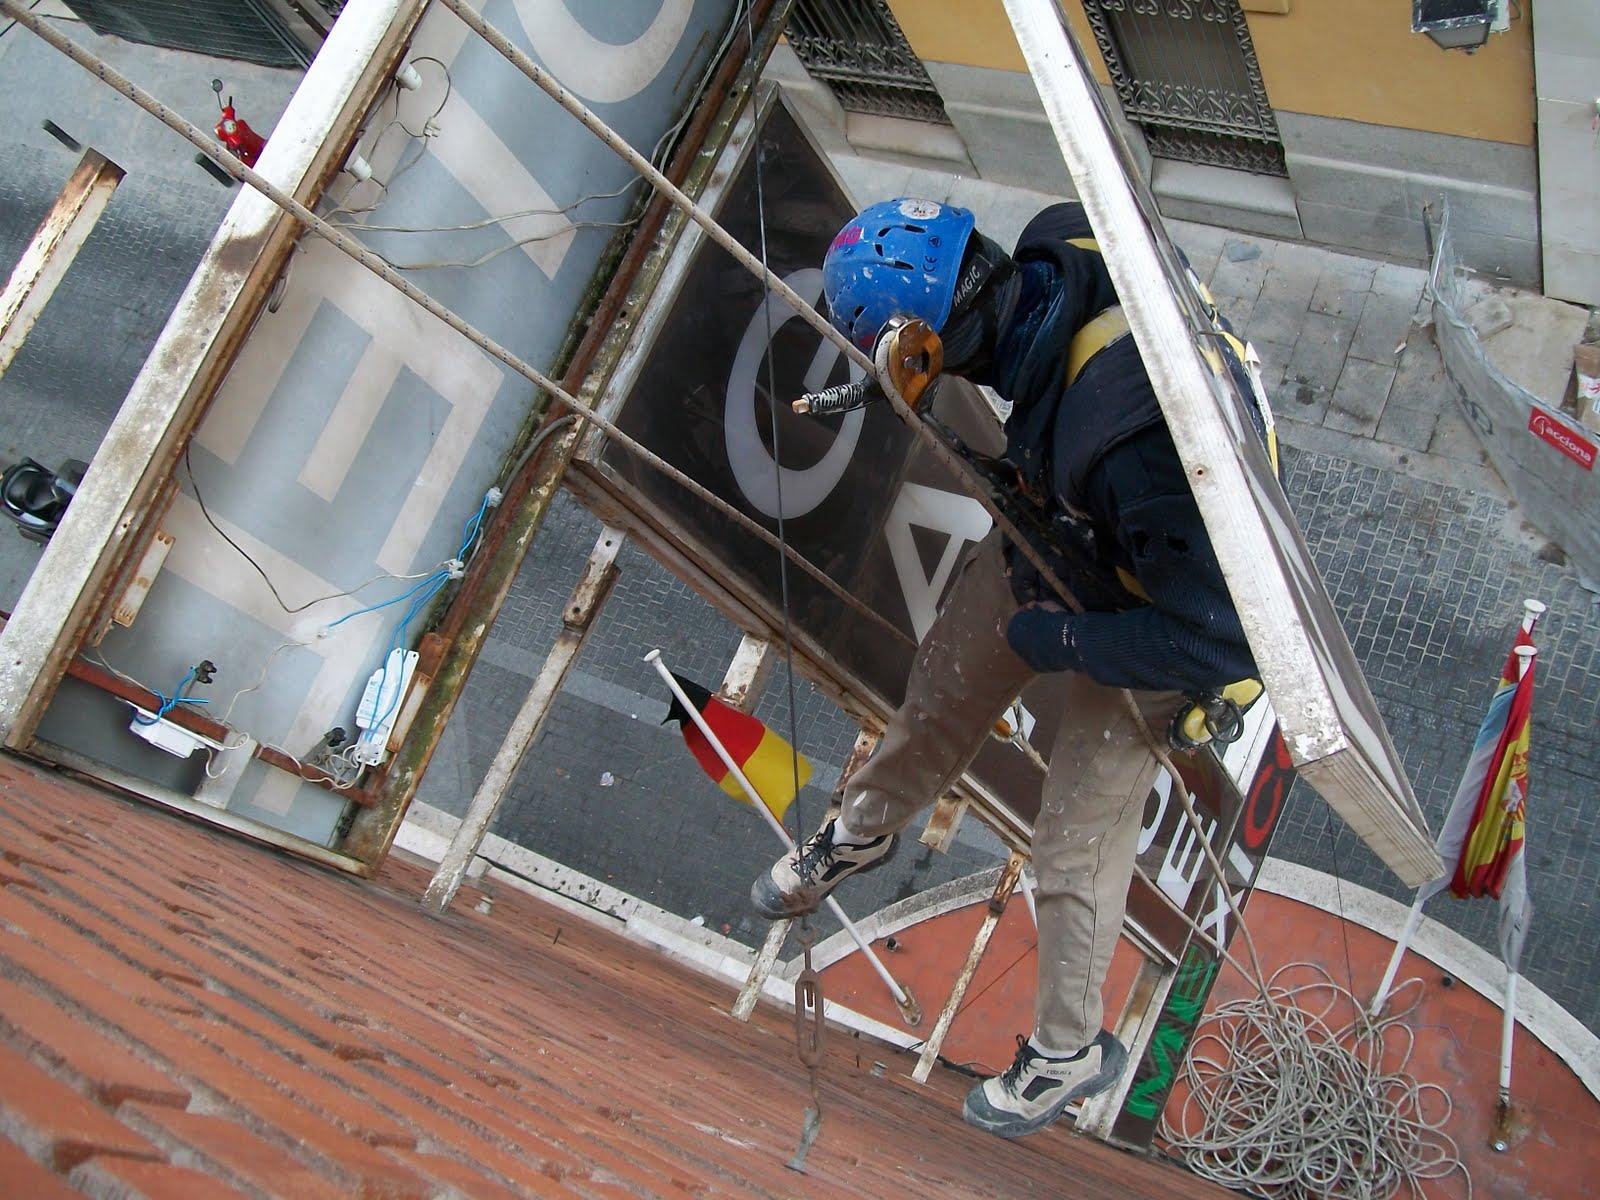 trabajos de electricista en alturas y sin andamios madrid